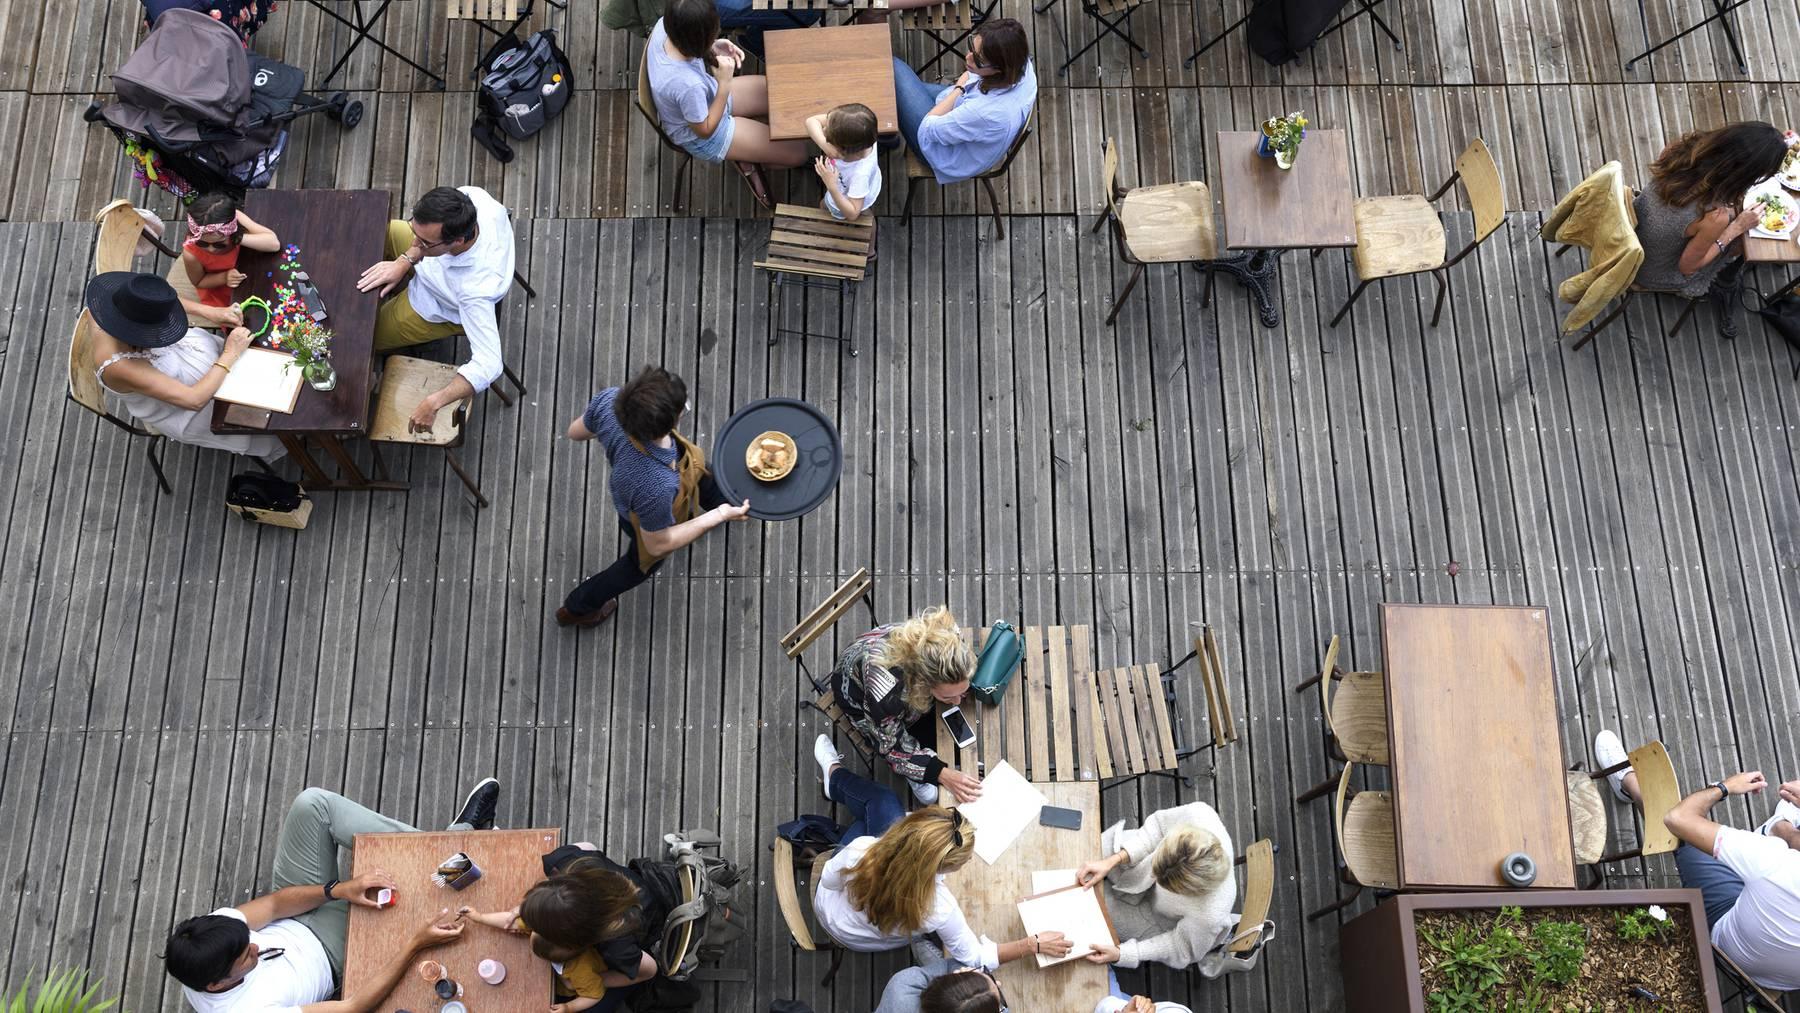 Weil sein Sandwich nicht schnell genug zubereitet wurde, erschoss ein Restaurant-Gast nahe Paris einen Kellner. (Symbolbild)